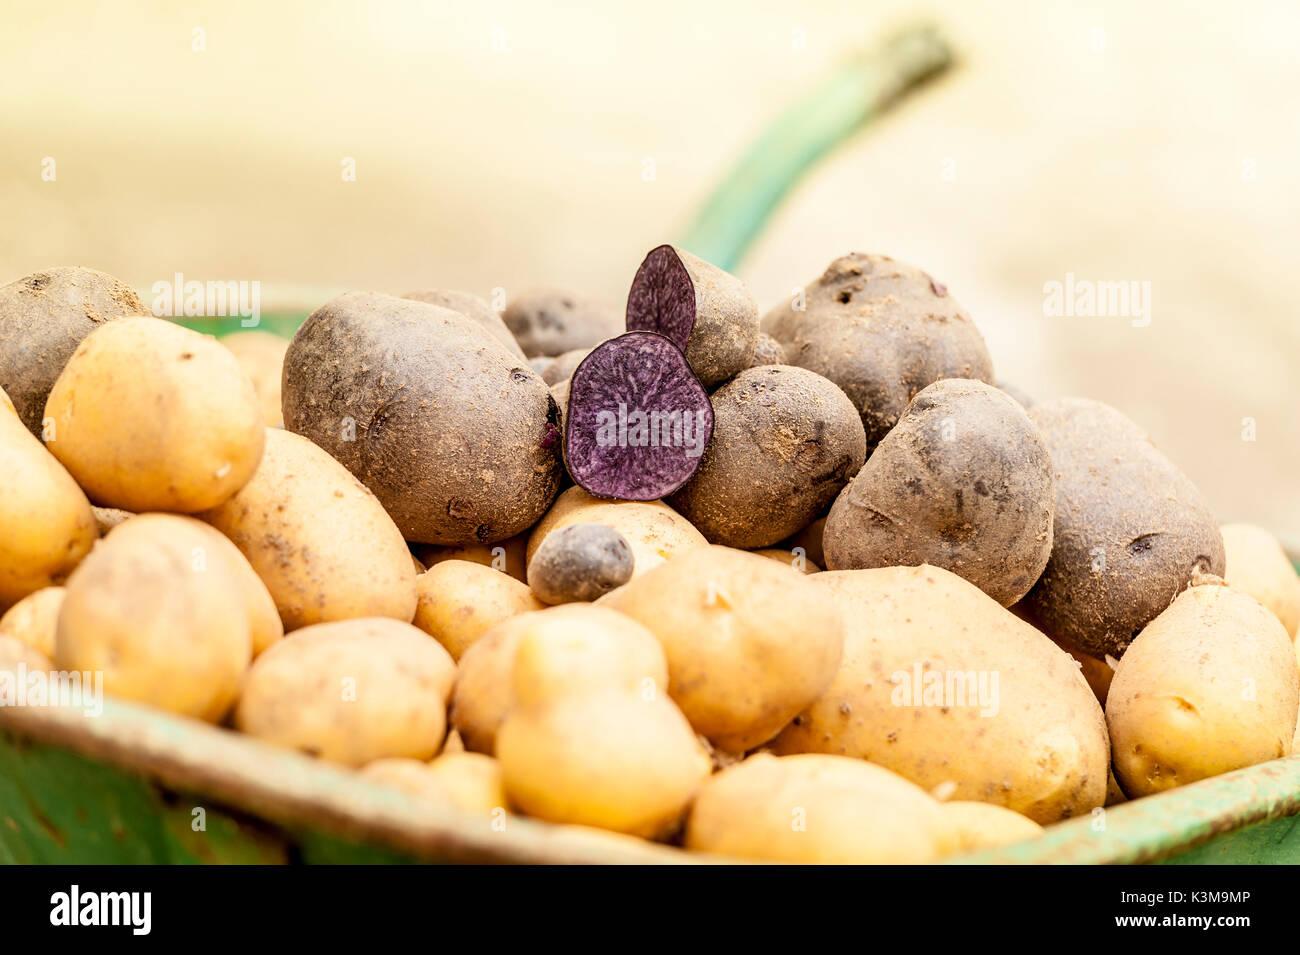 Patate, verdura, raccolto, produrre, azienda agricola Immagini Stock